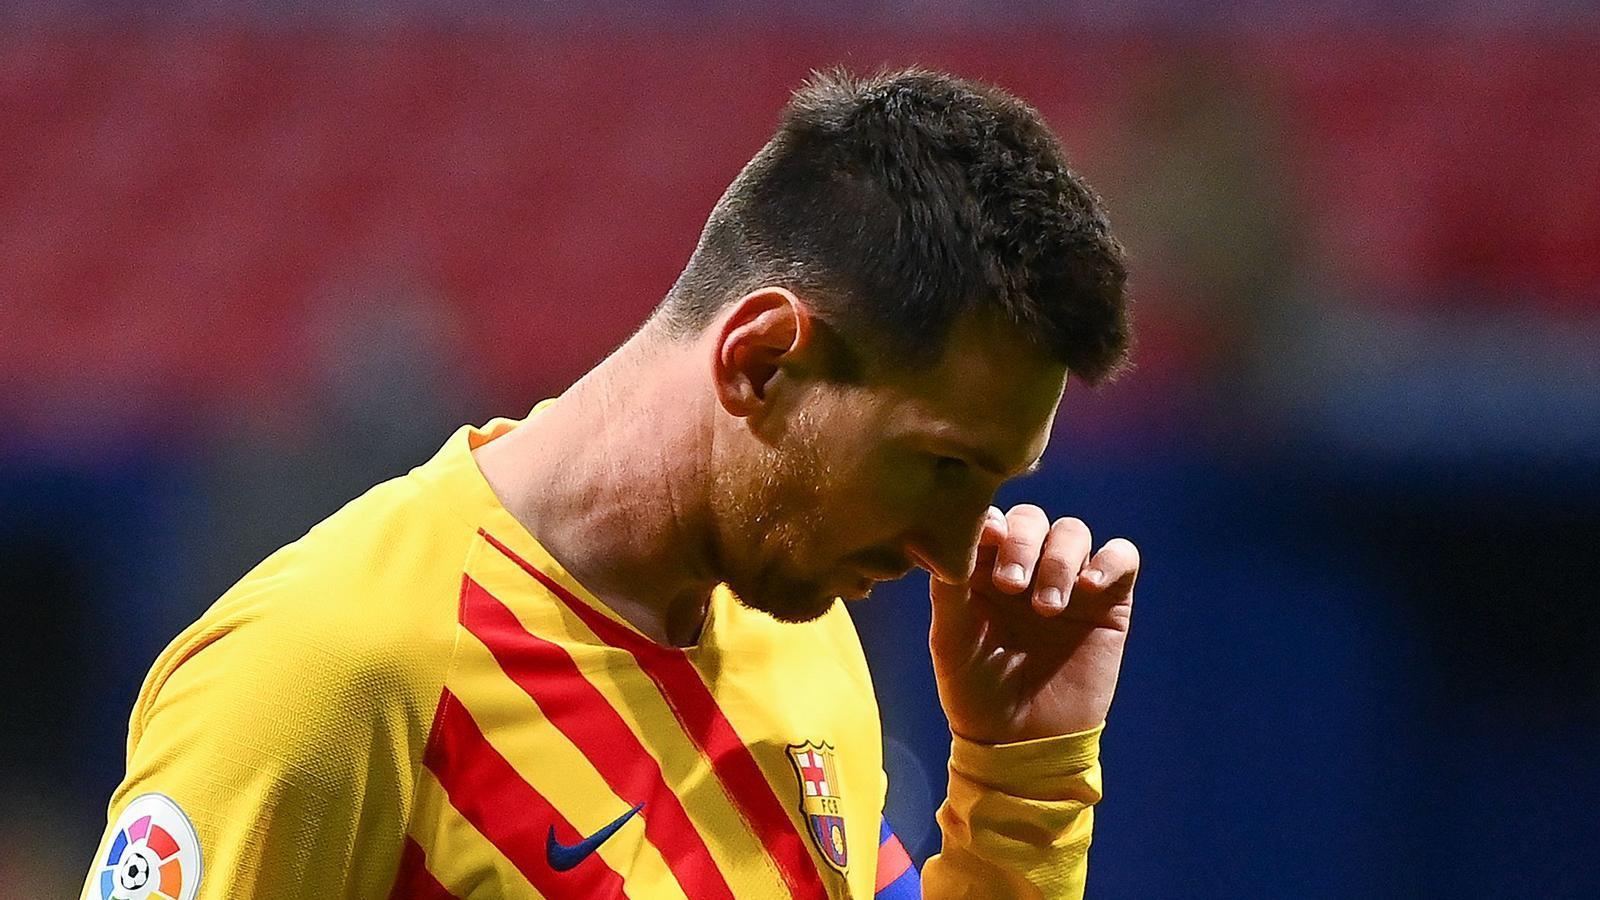 La impotència de Messi